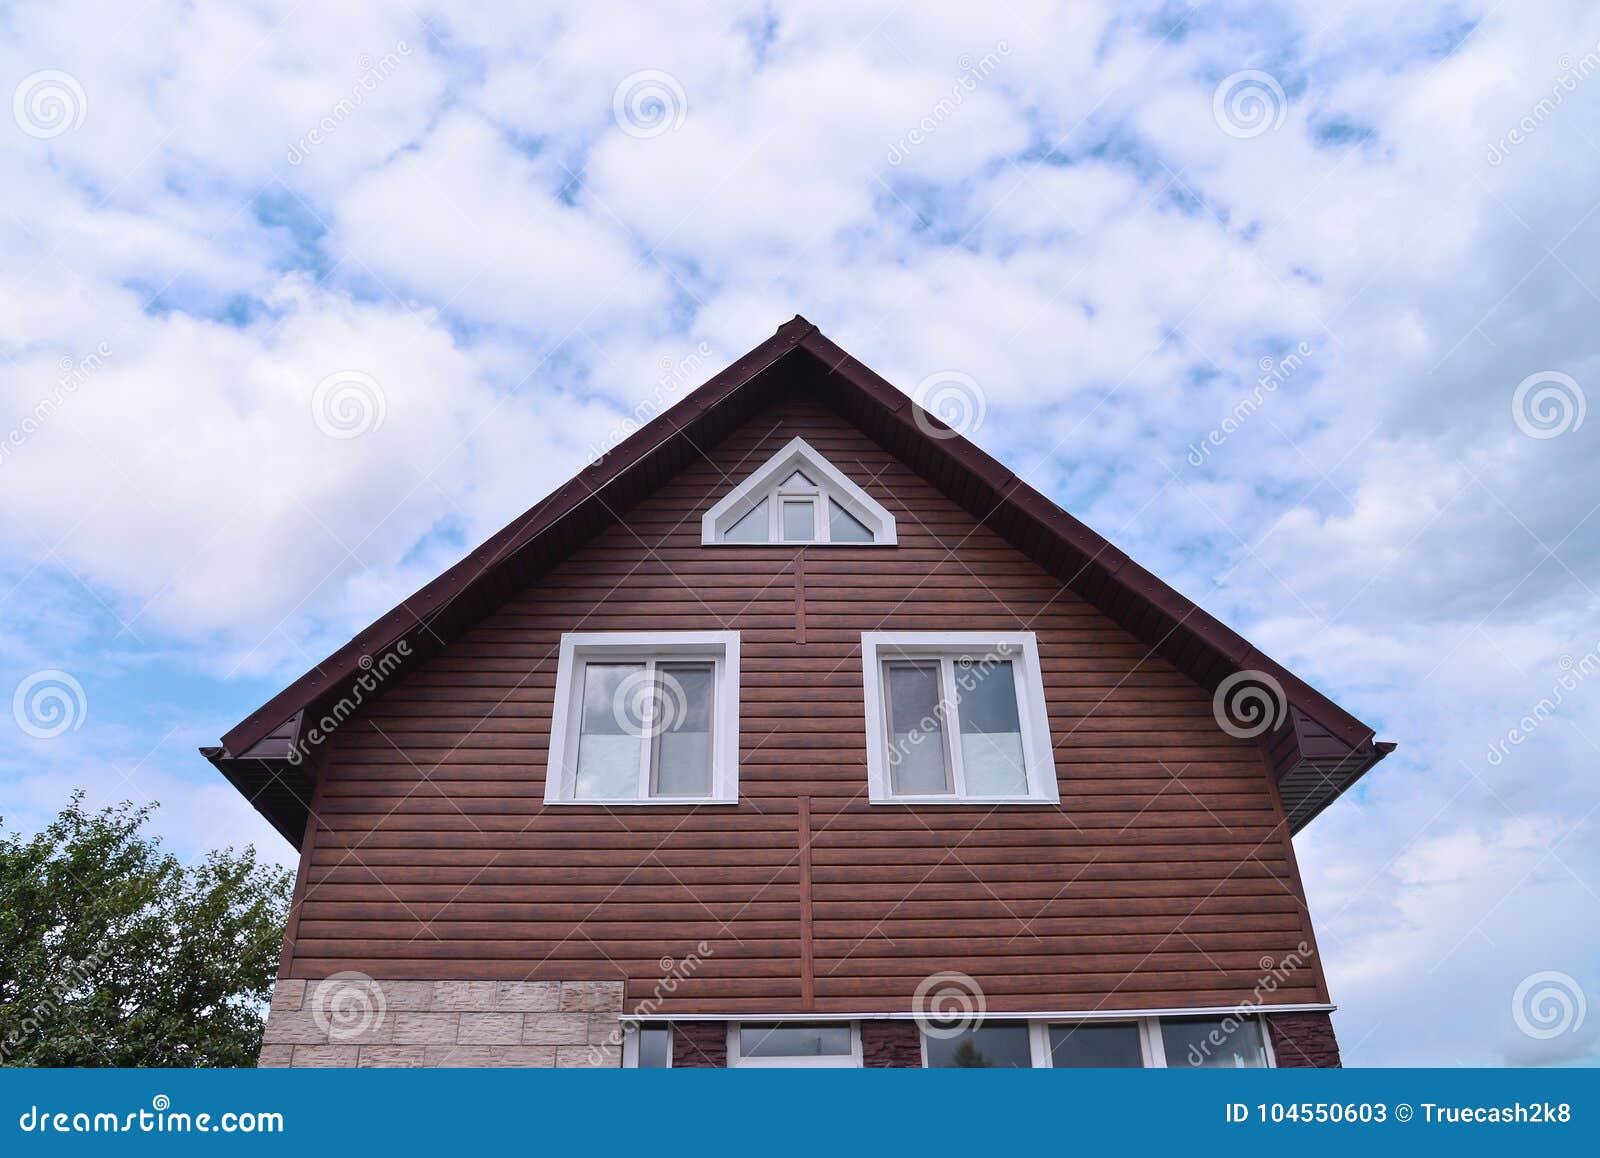 Reparation facade maison ventana blog - Renov maison sud ...